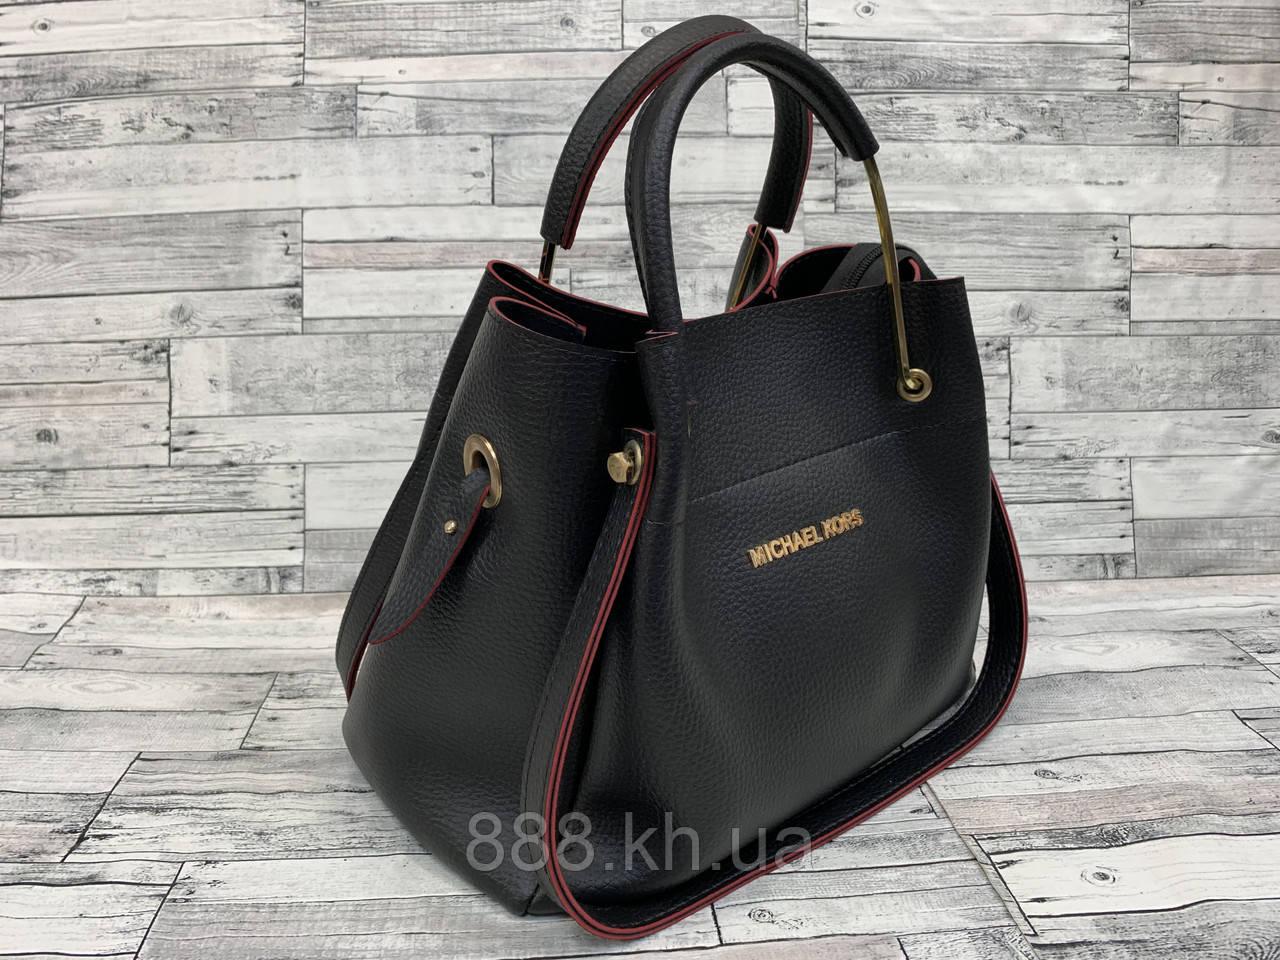 Женская сумка мини - шоппер Michael Kors (в стиле Майкл Корс) с косметичкой (черный)